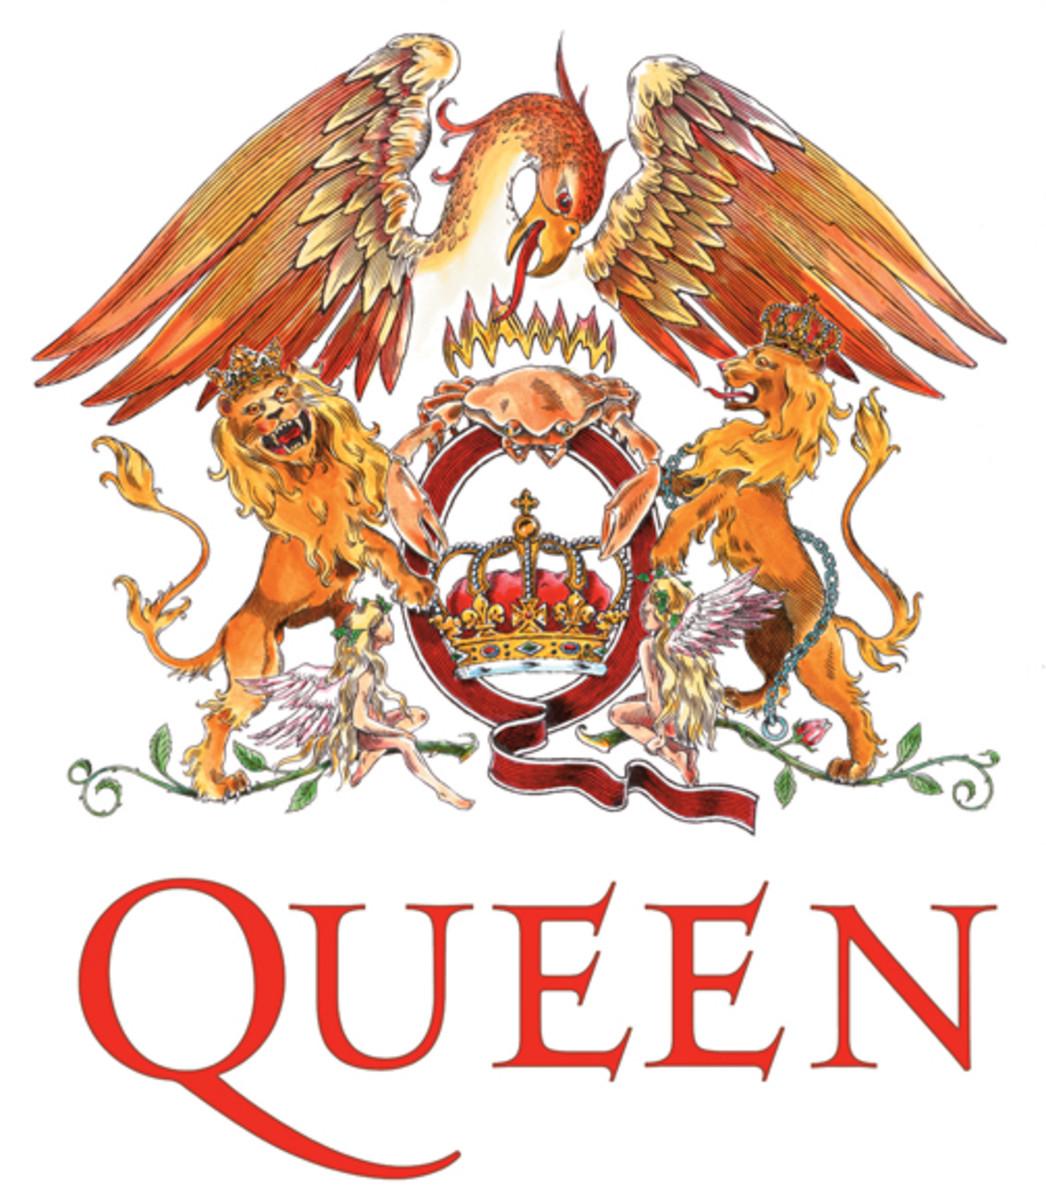 Queen crest